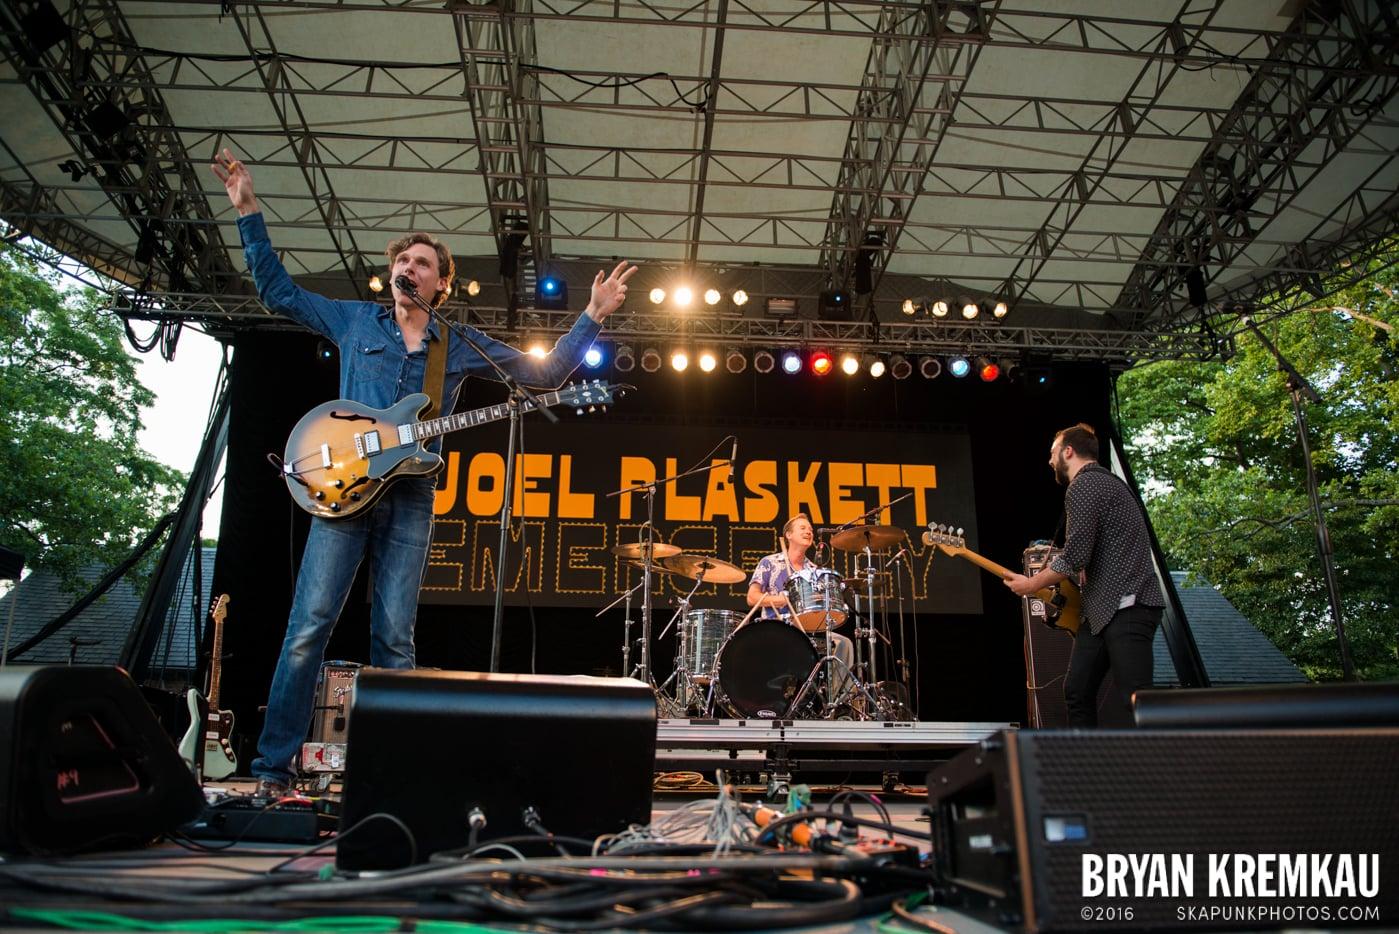 Joel Plaskett Emergency @ Central Park Summer Stage, NYC - 6.29.13 (20)